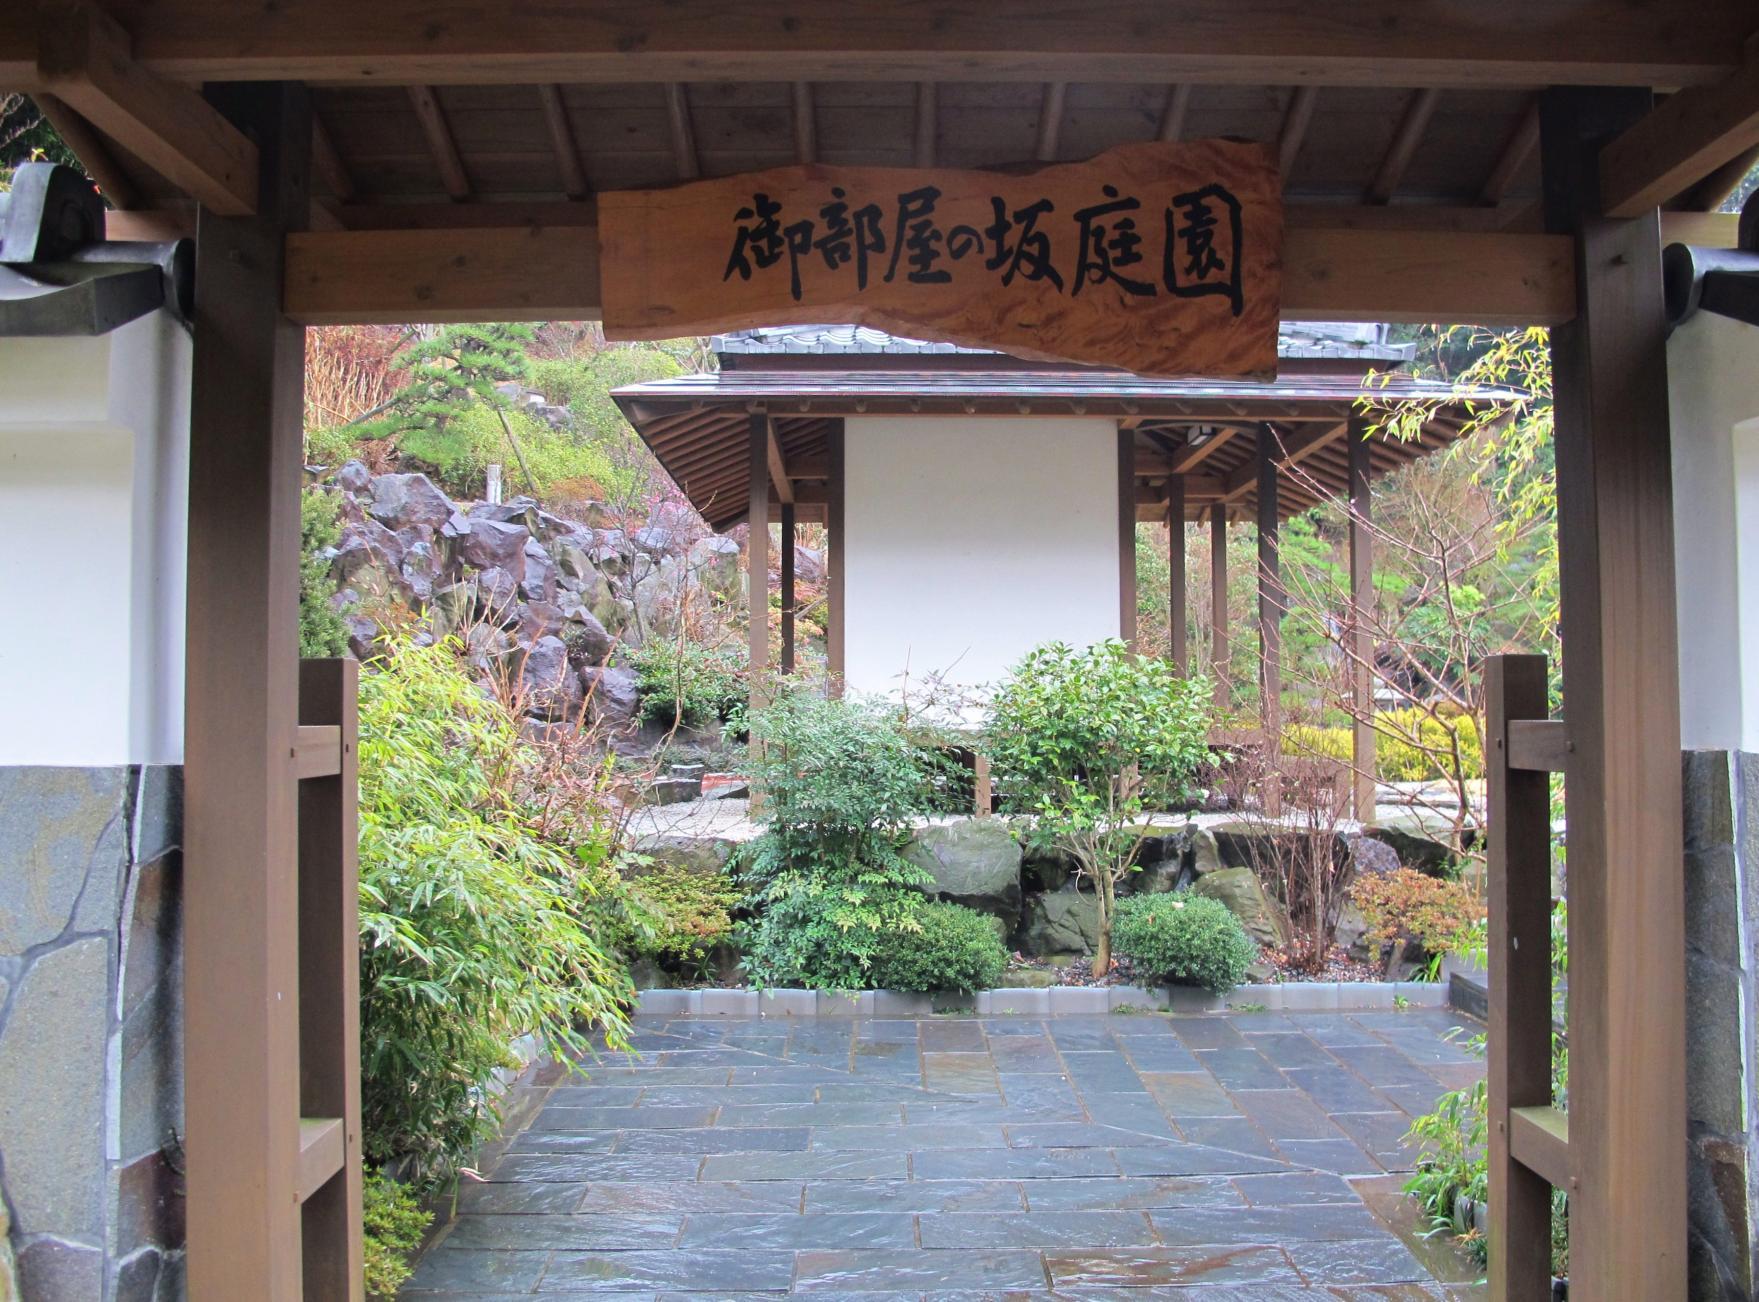 御部屋の坂庭園-1